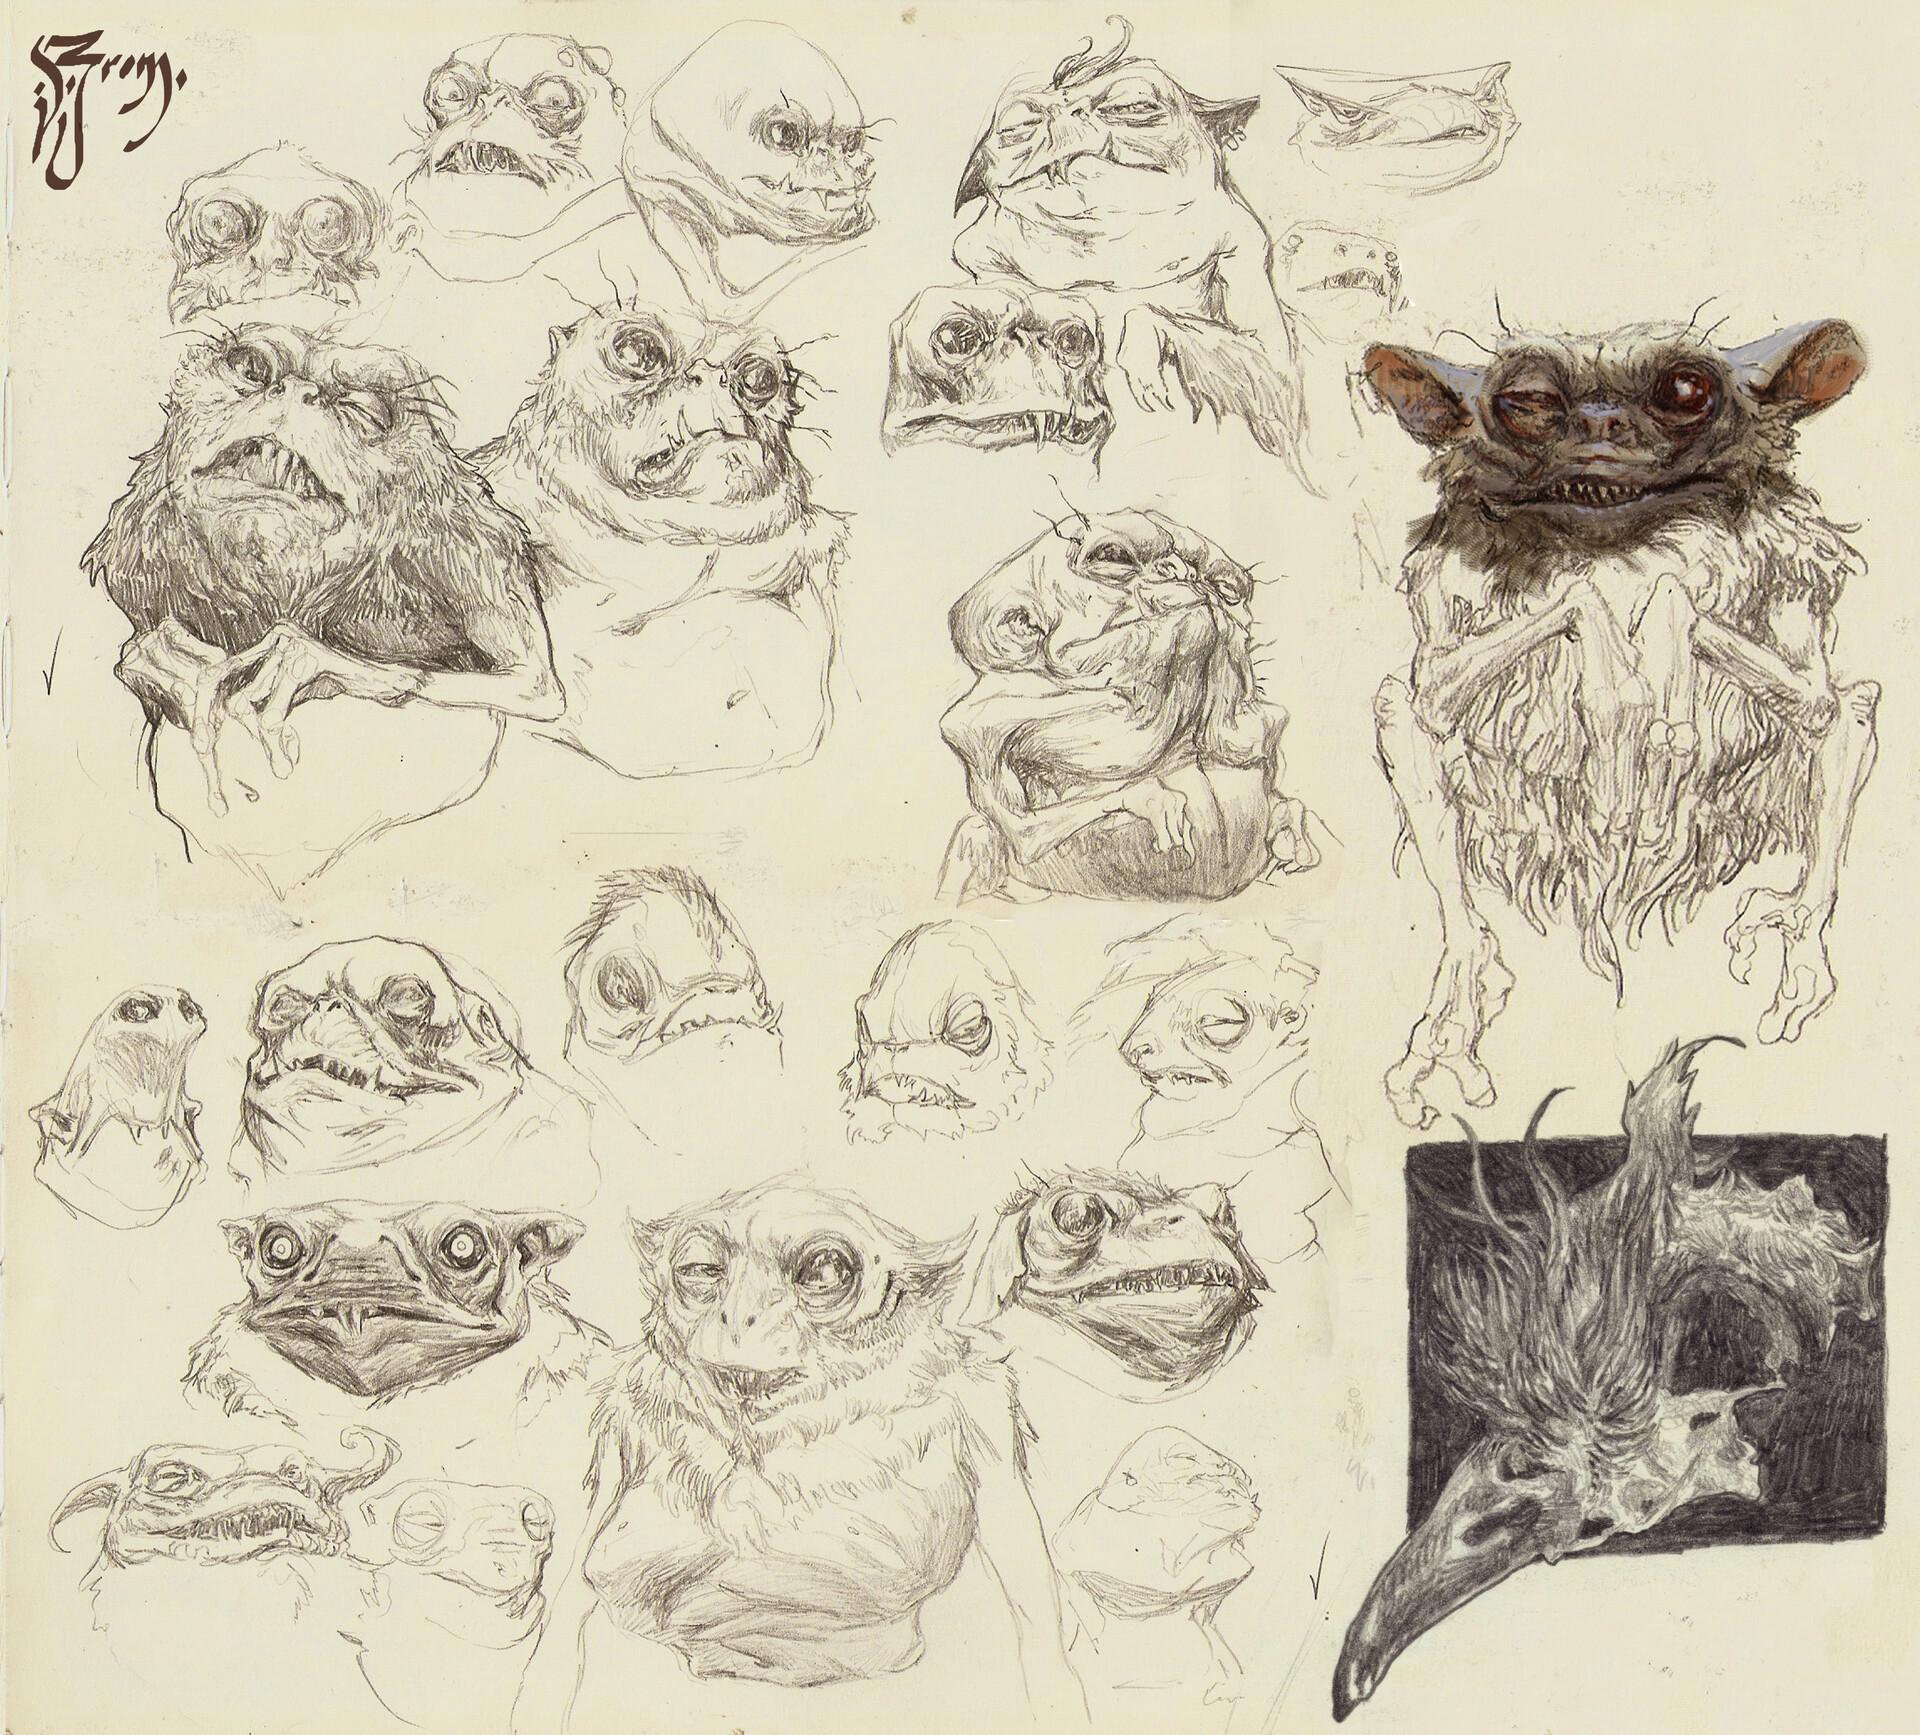 Daniel zrom danielzrom sketchbook12